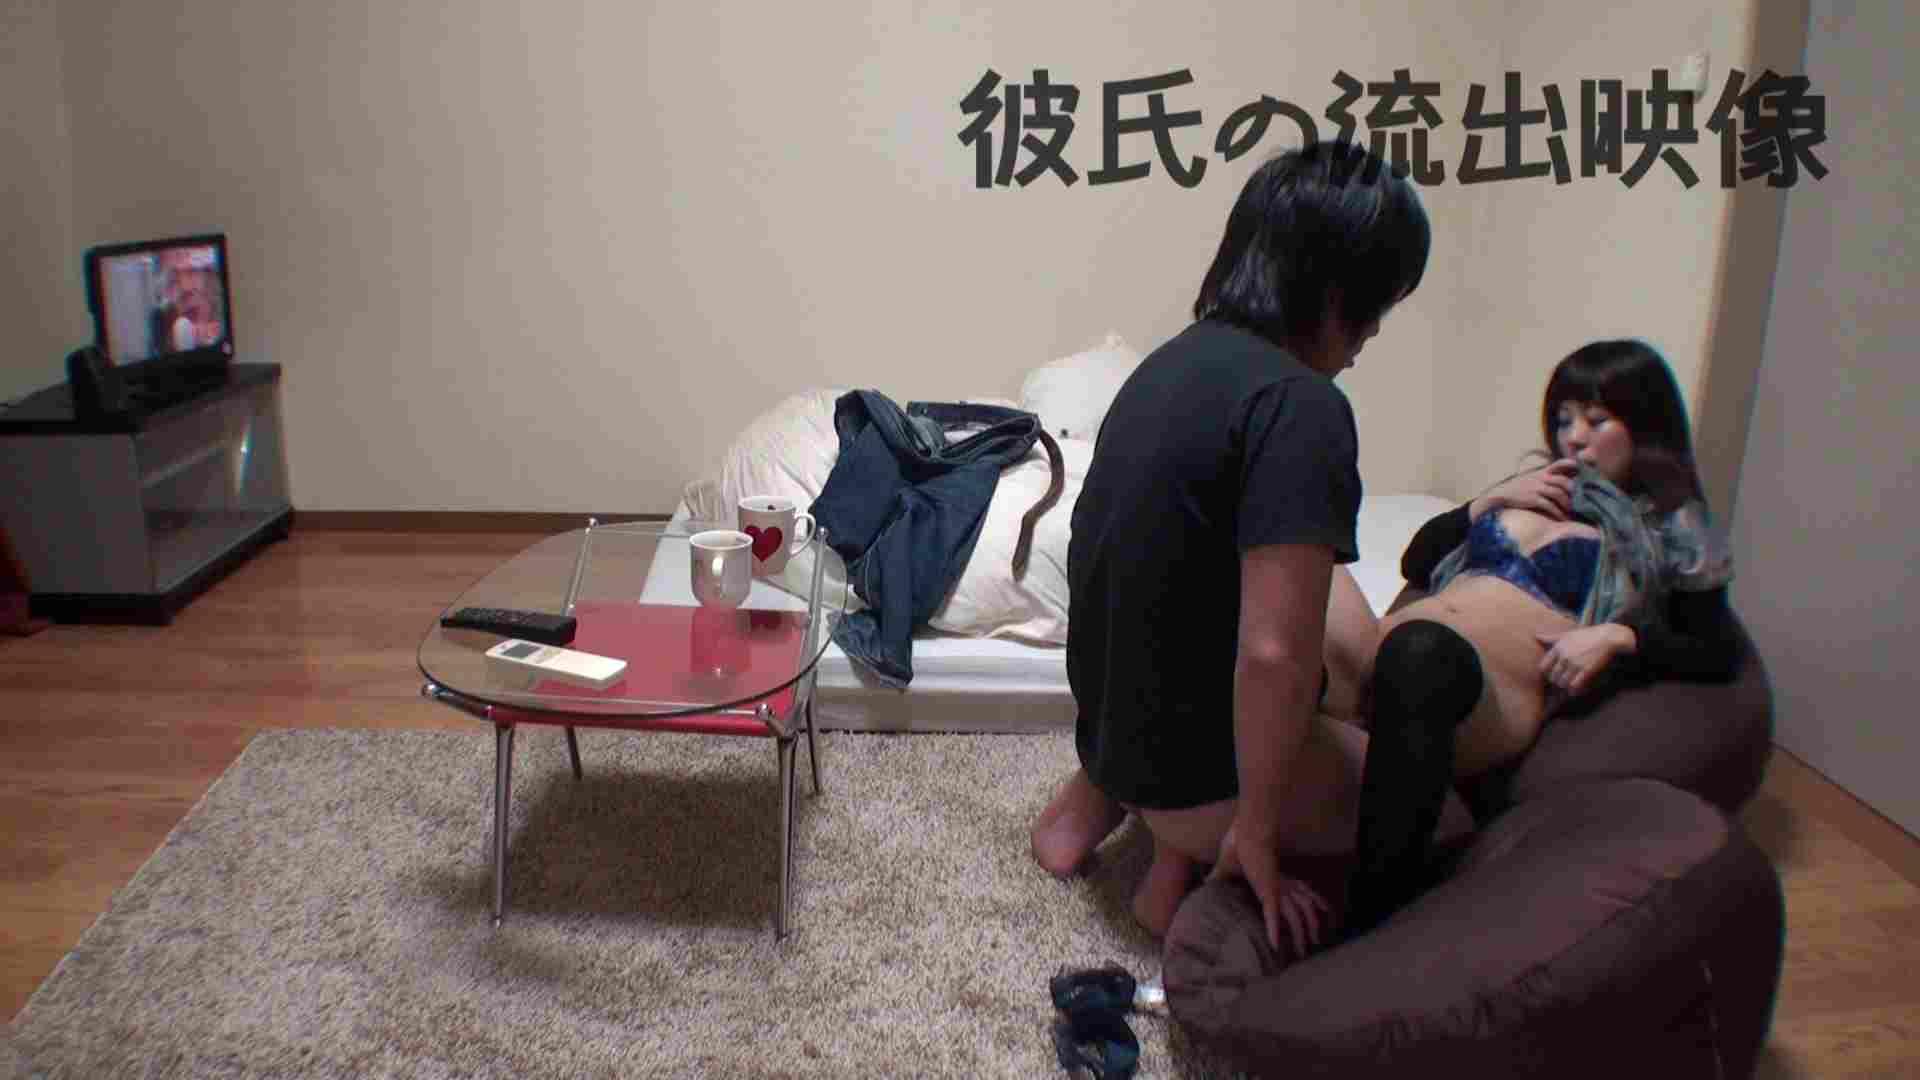 彼氏が流出 パイパン素人嬢のハメ撮り映像02 一般投稿 | ギャル達のSEX  61画像 26